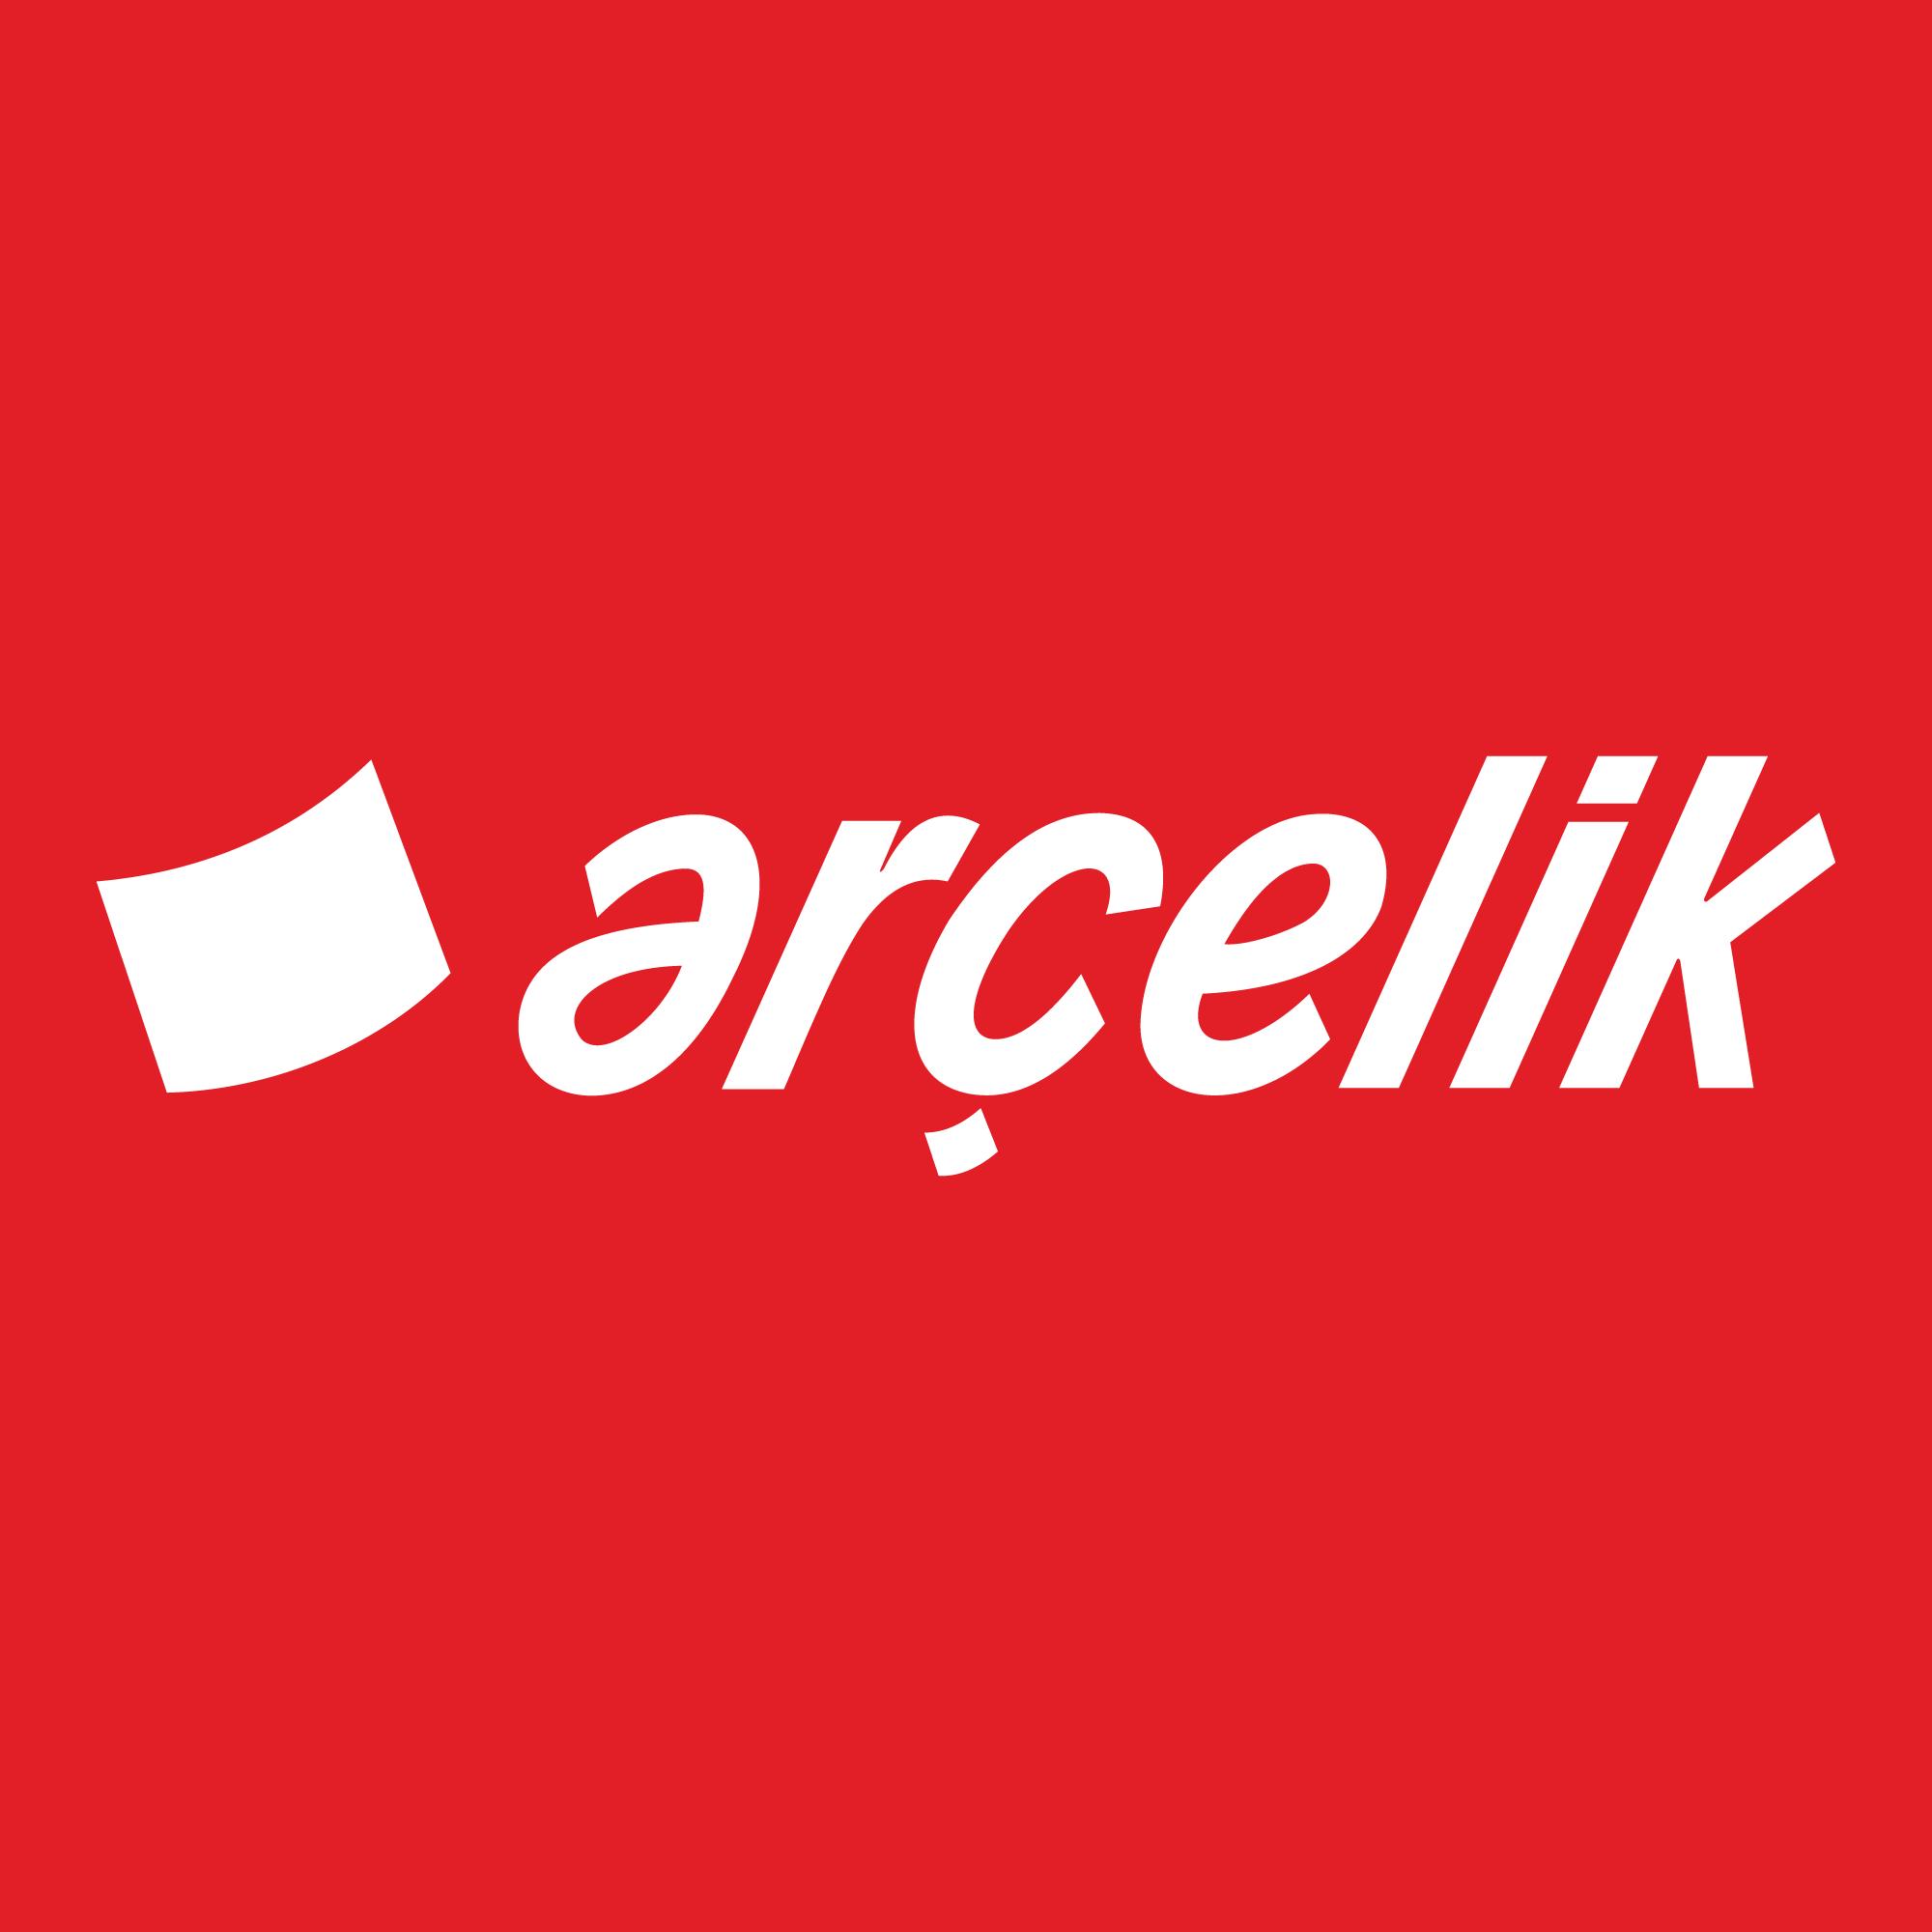 jason-b-graham-arcelik-logo-e01f26